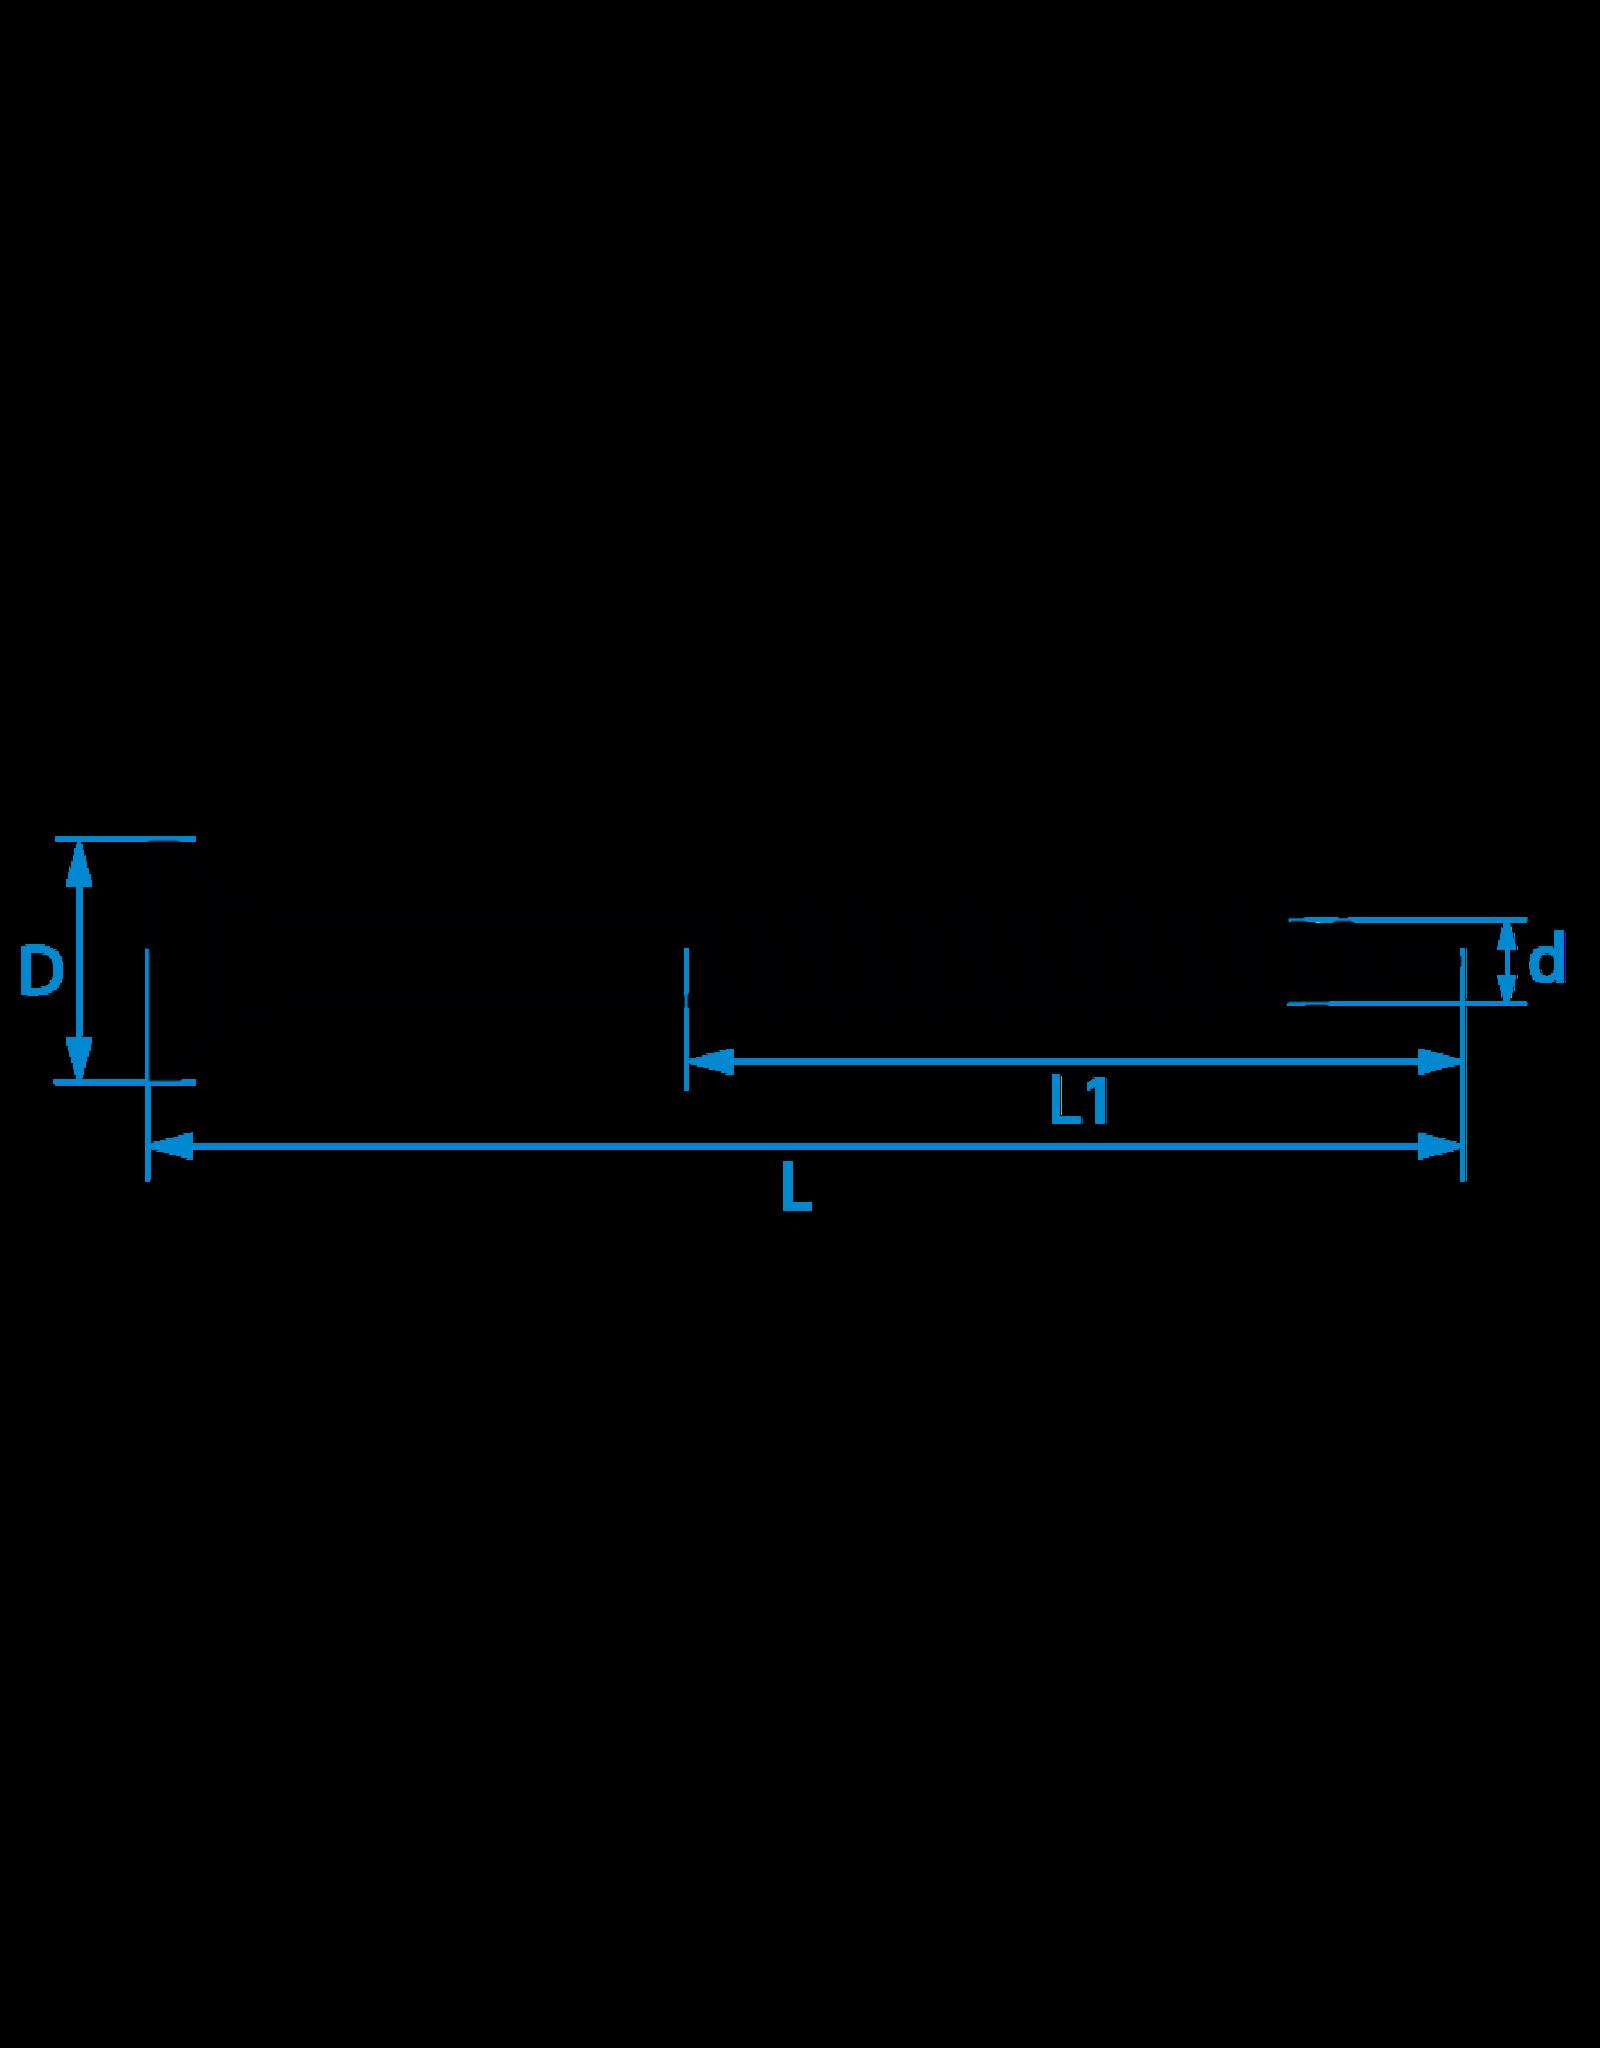 Spaanplaatschroeven platkop deeldraad 4.5x30/18 TX-20 staal gehard verzinkt per 200 stuks